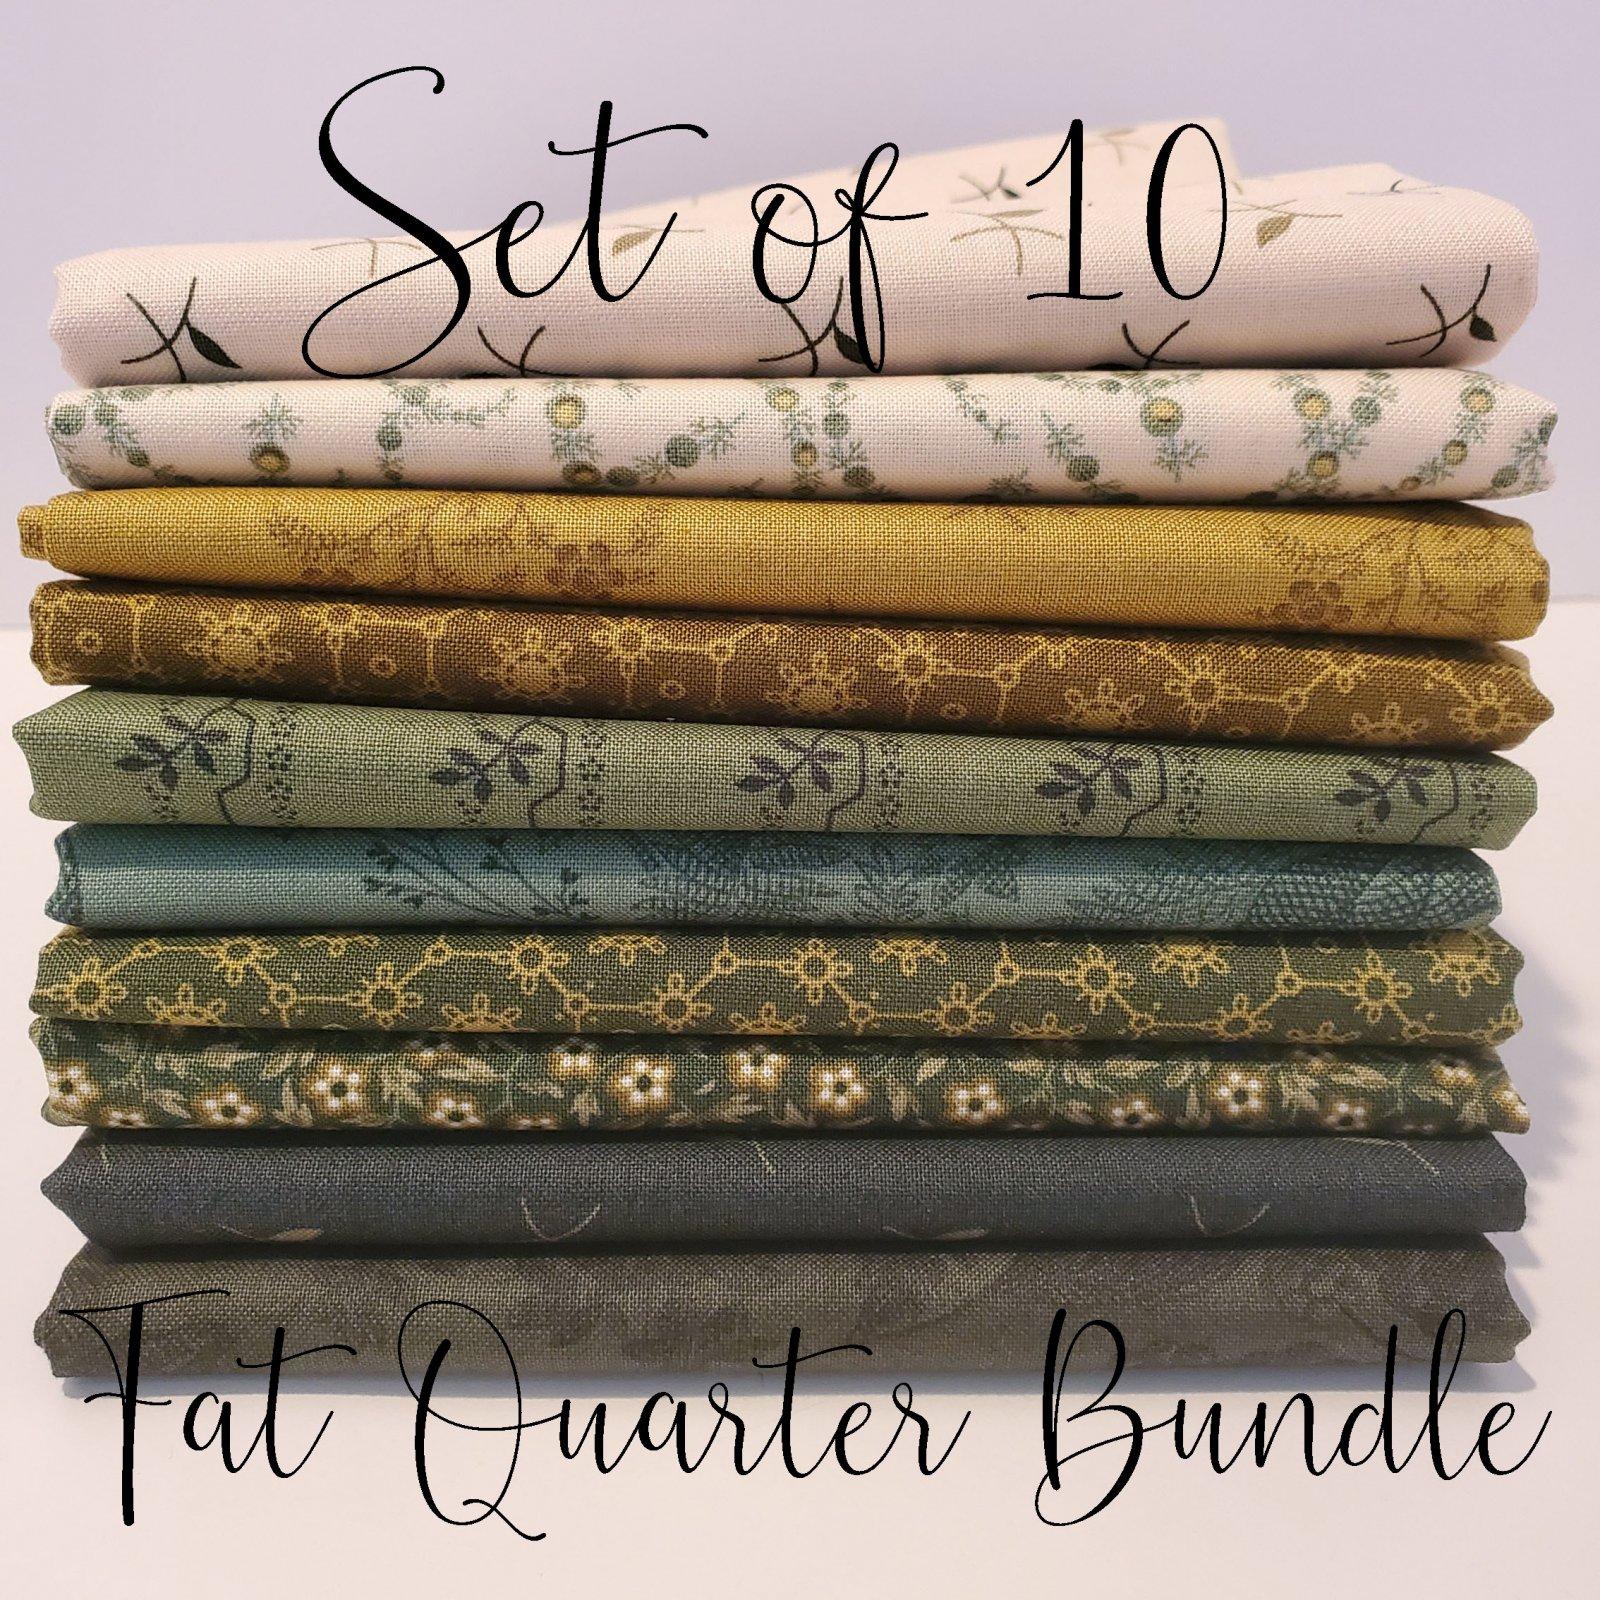 Laundy Basket Quilts Greens - 10 Fat Quarter Bundle